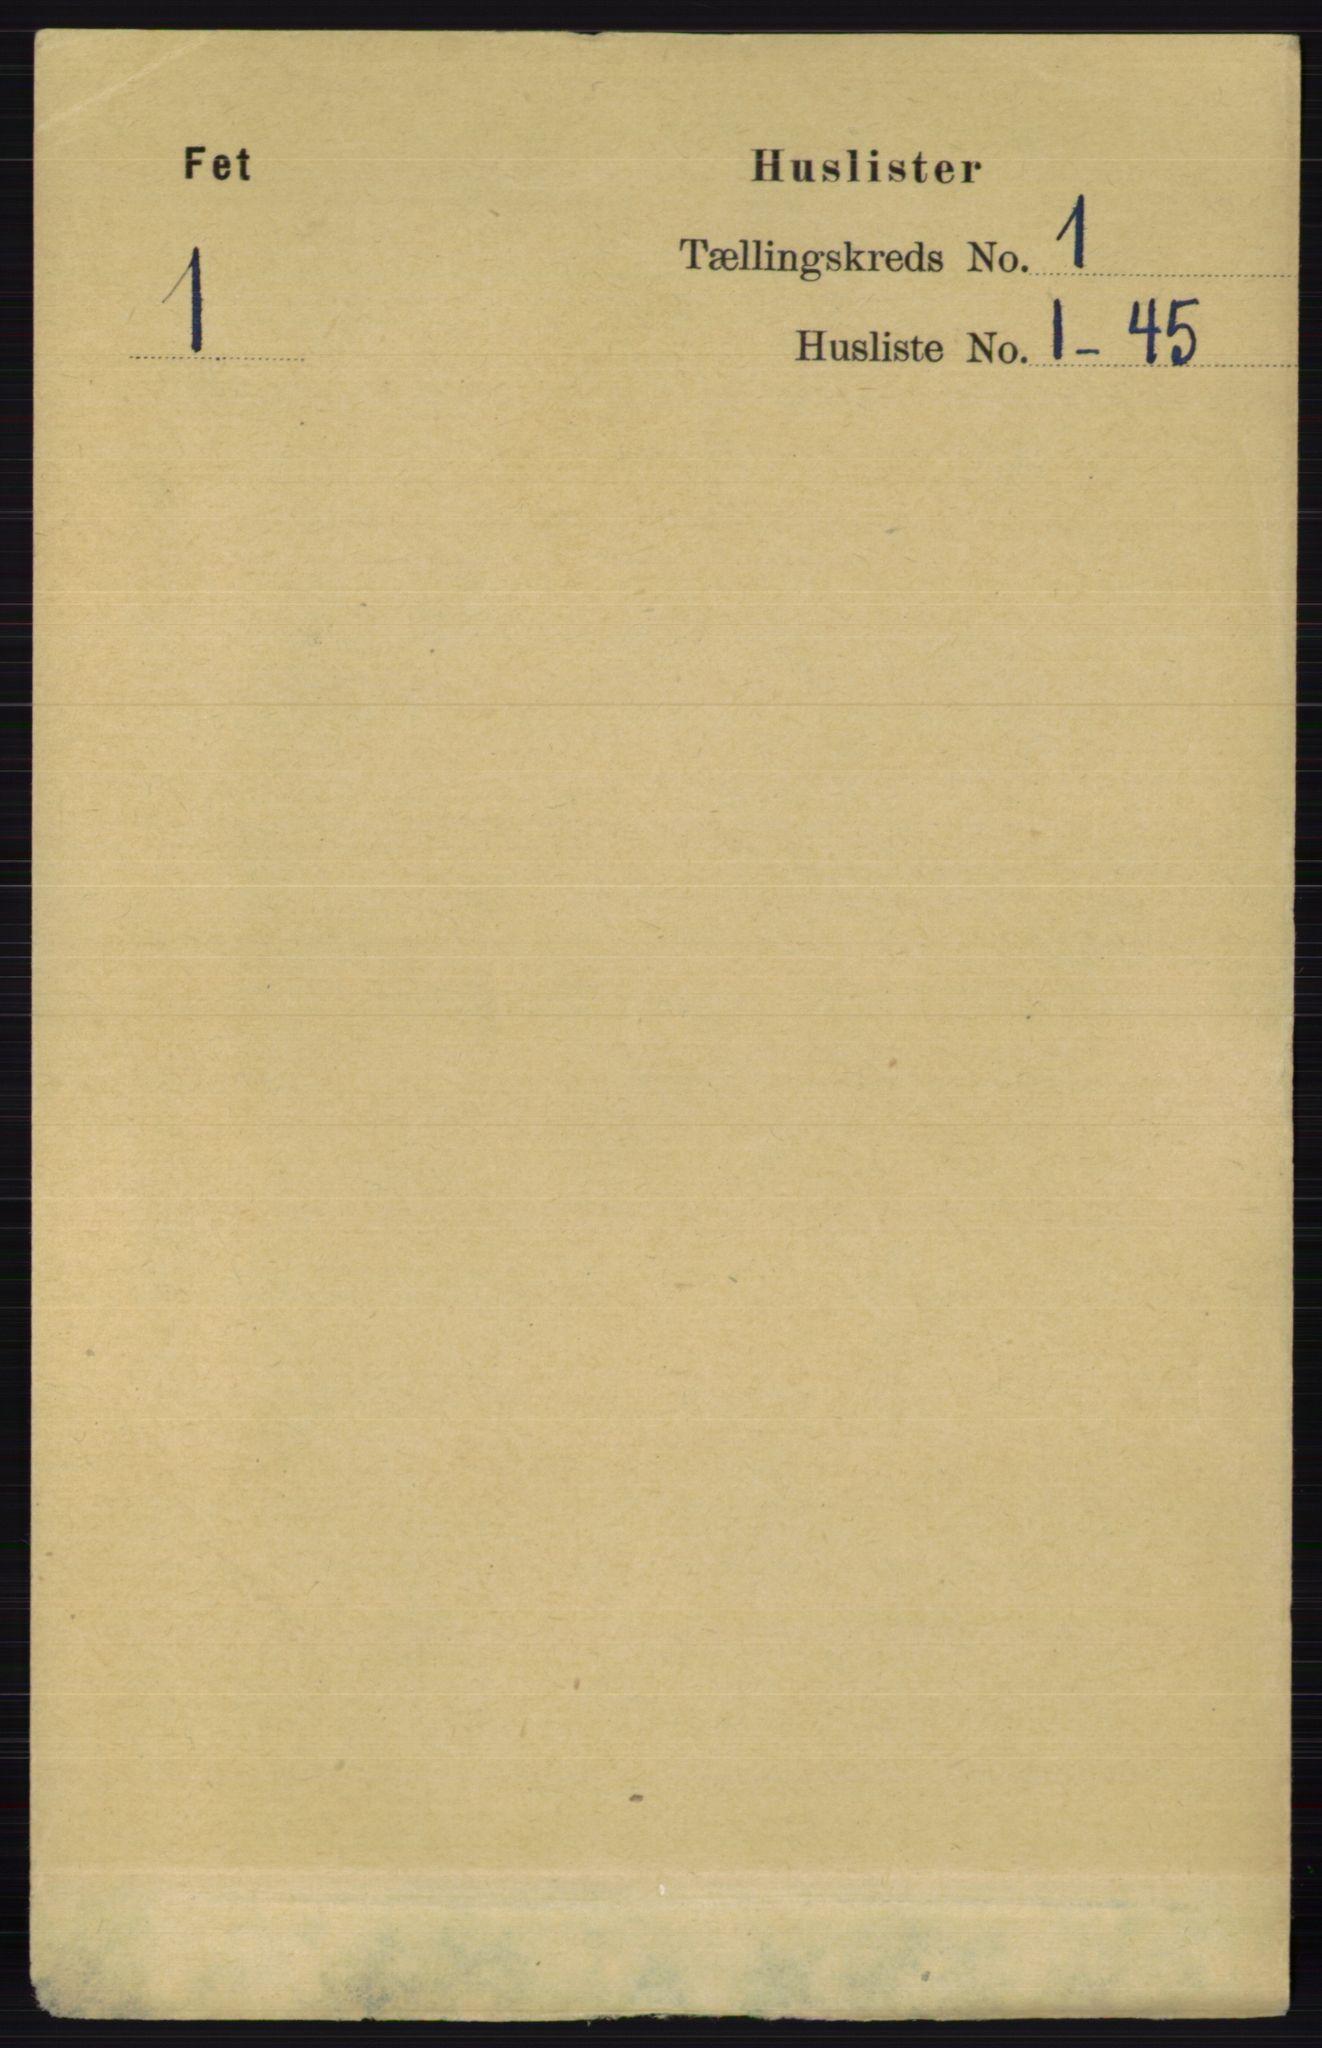 RA, Folketelling 1891 for 0227 Fet herred, 1891, s. 28